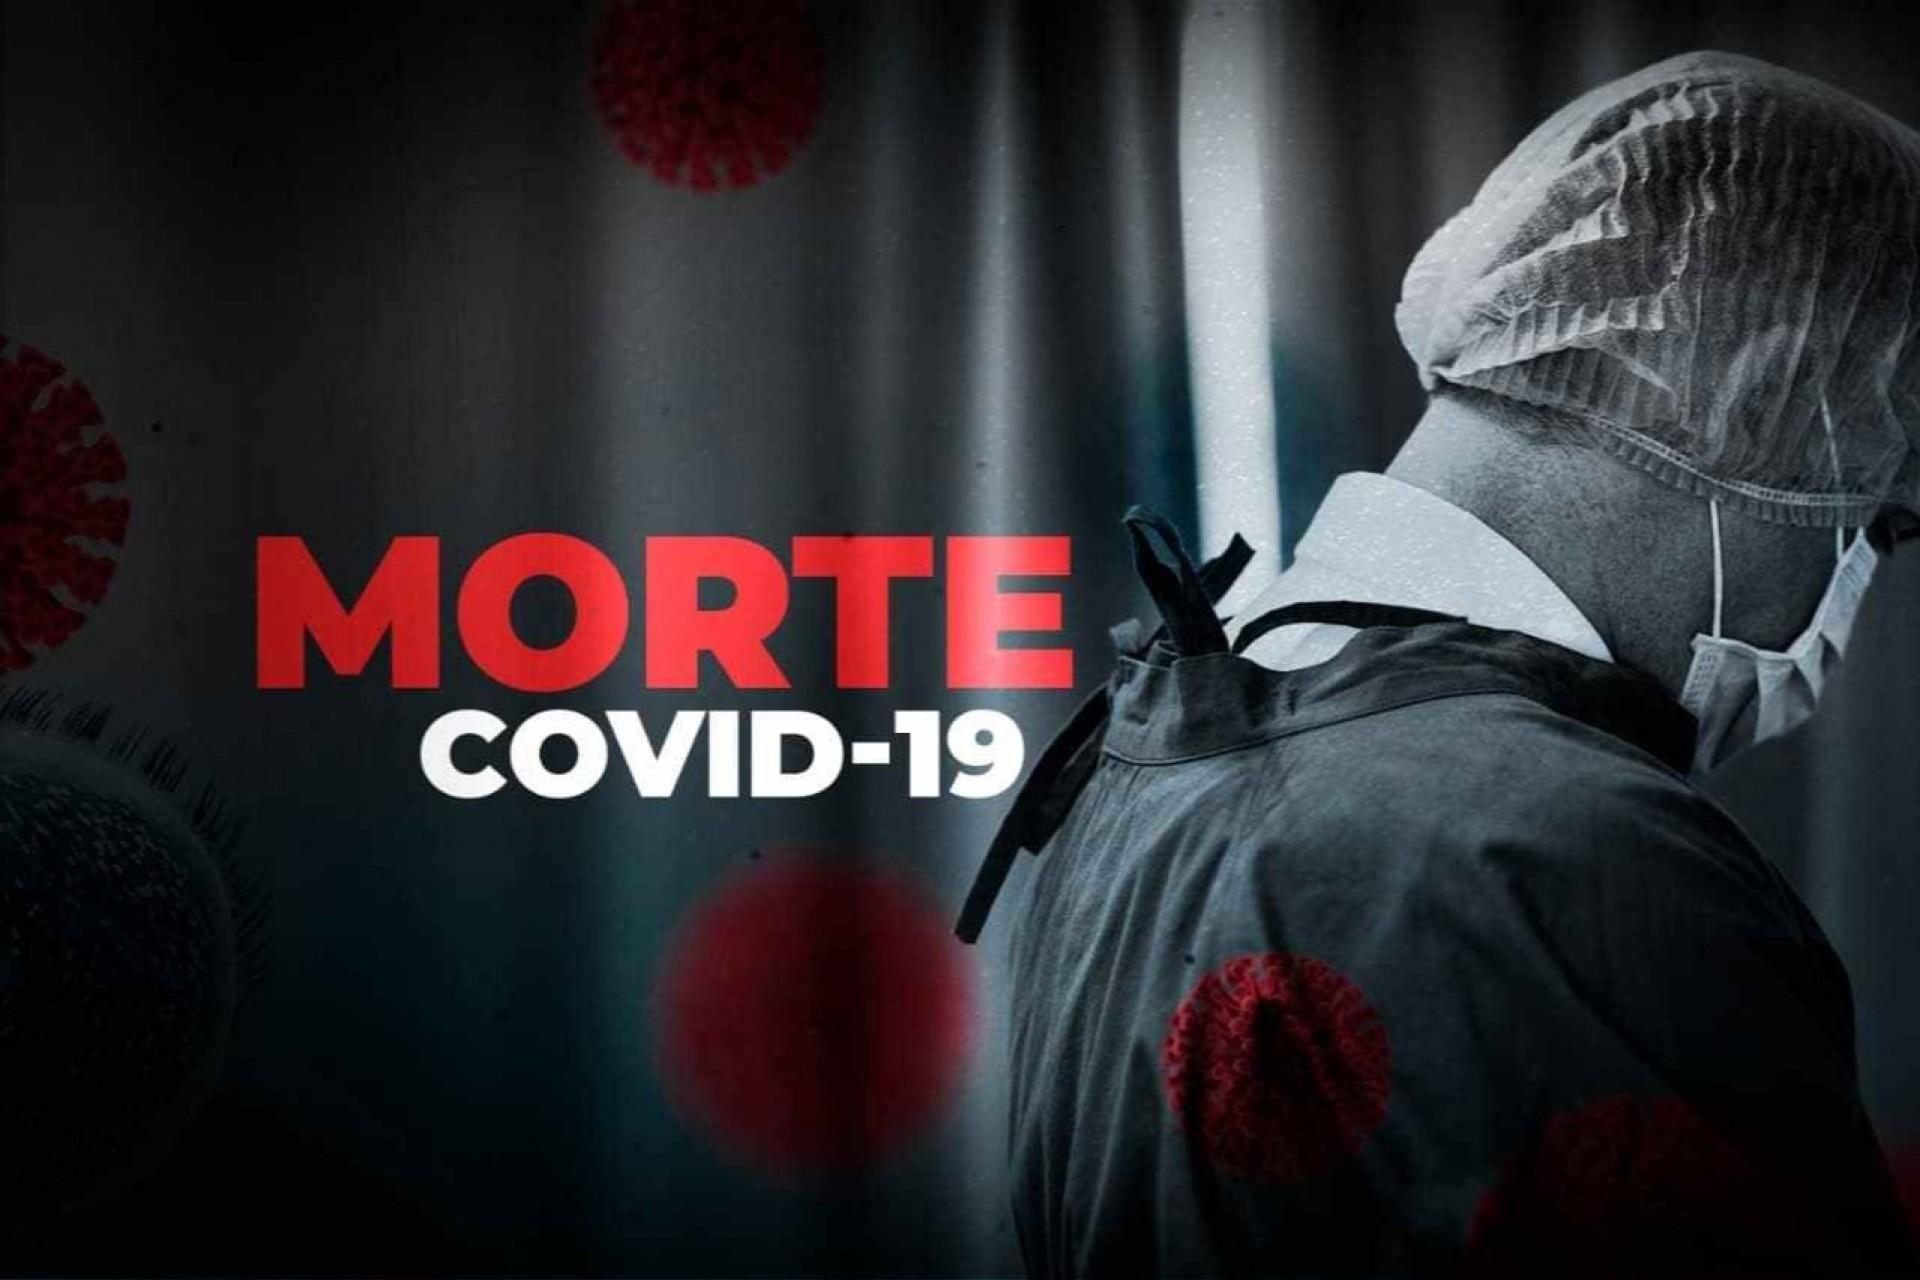 URGENTE: Itaipulândia confirma 4ª morte por Covid-19 e conta com 22 casos ativos